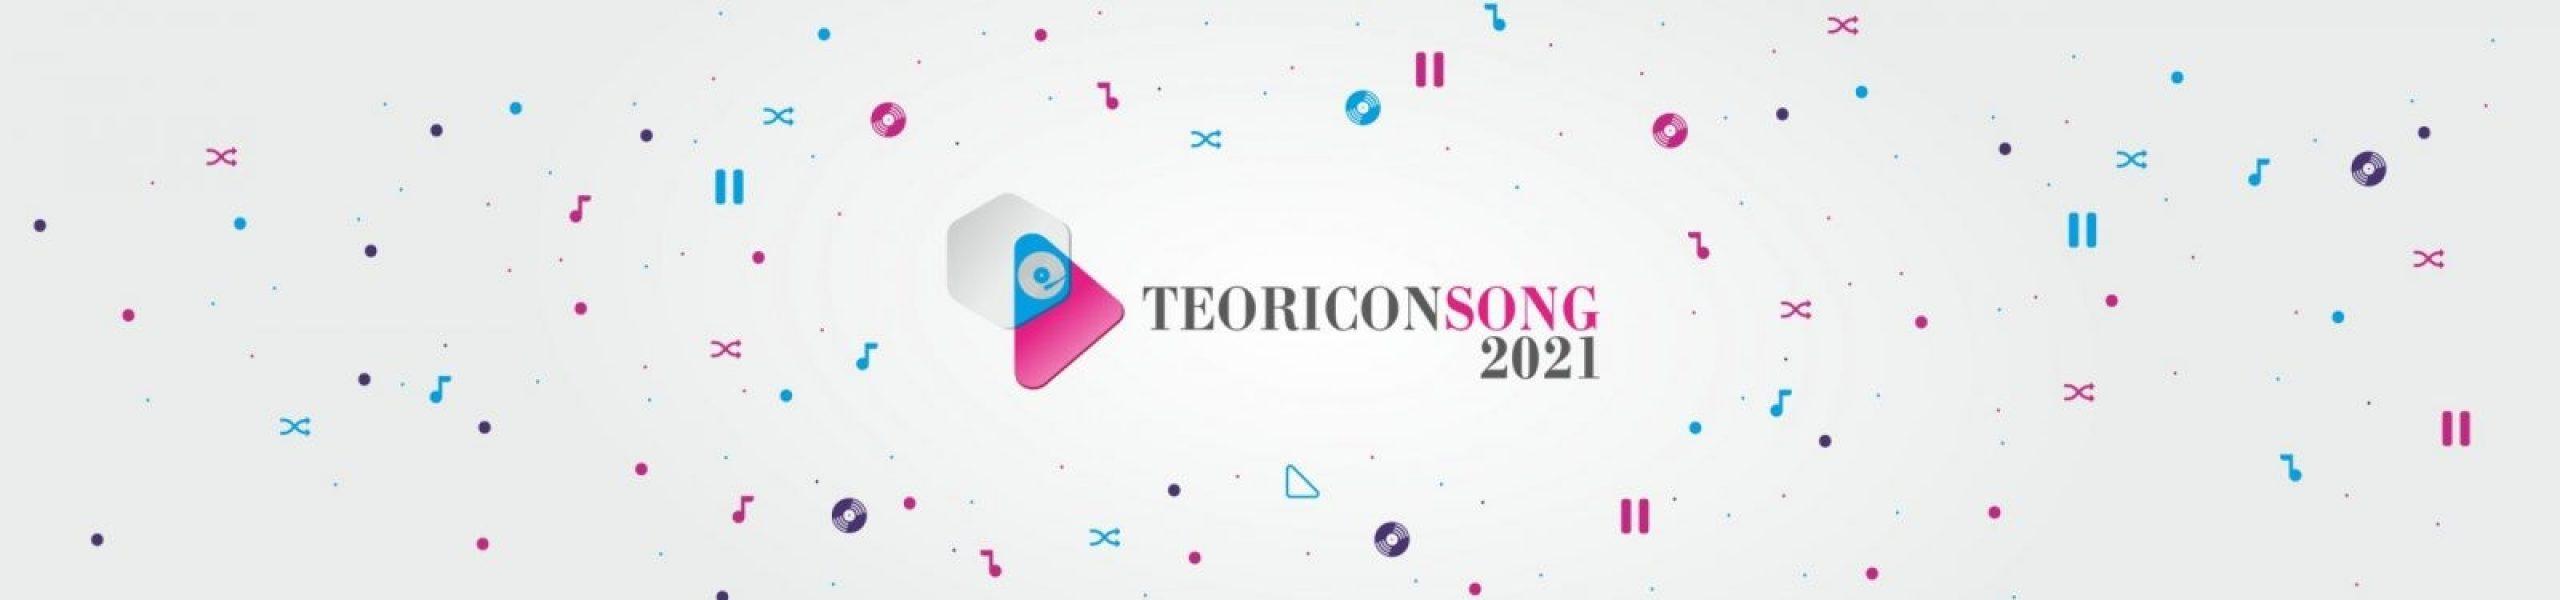 teoricon-song